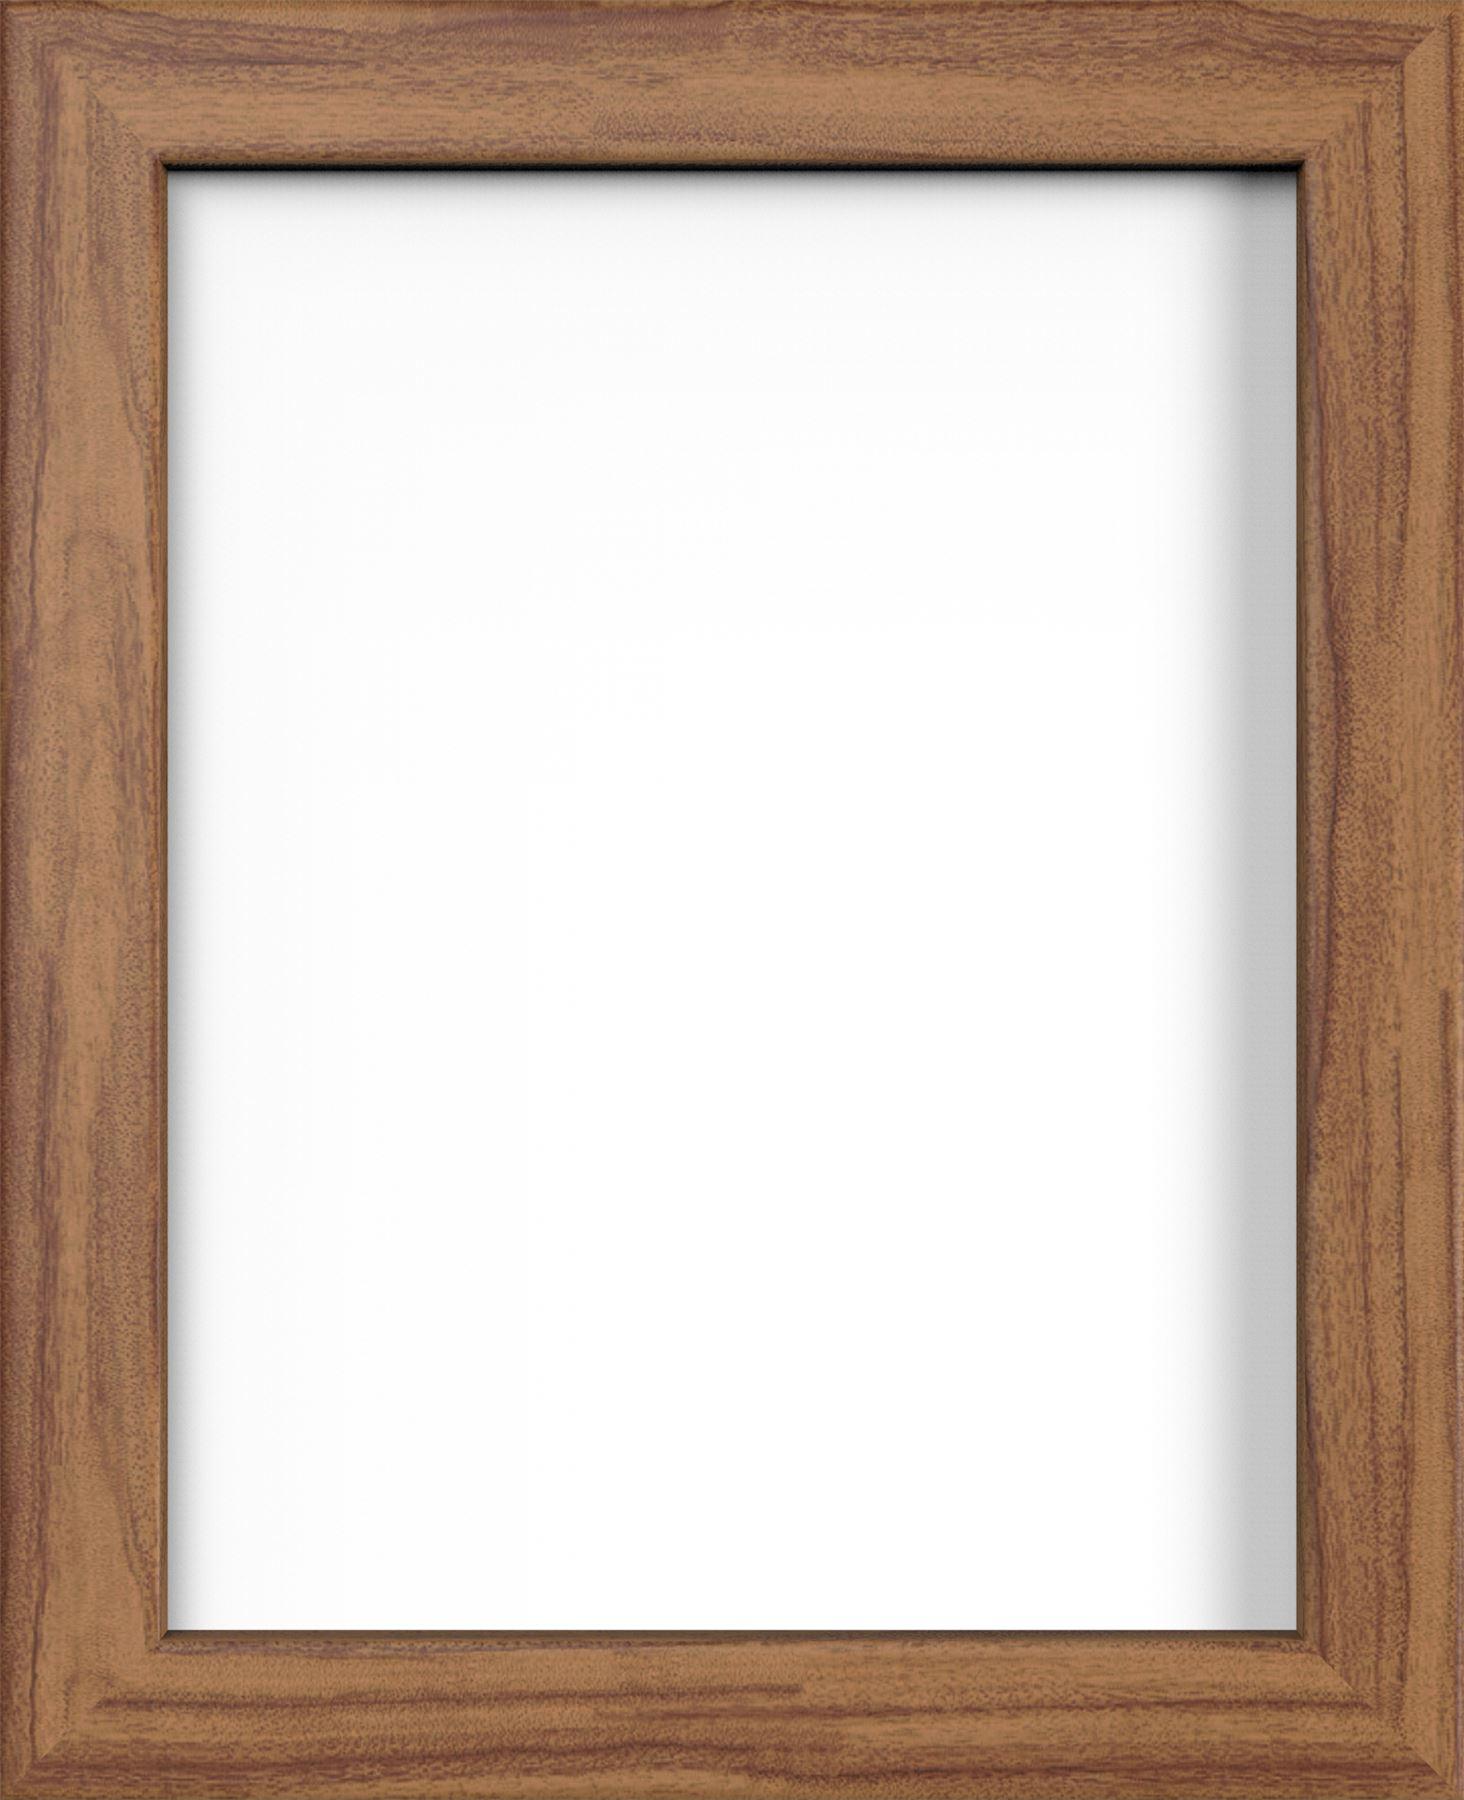 photo frame picture frame poster frame wooden effect oak. Black Bedroom Furniture Sets. Home Design Ideas